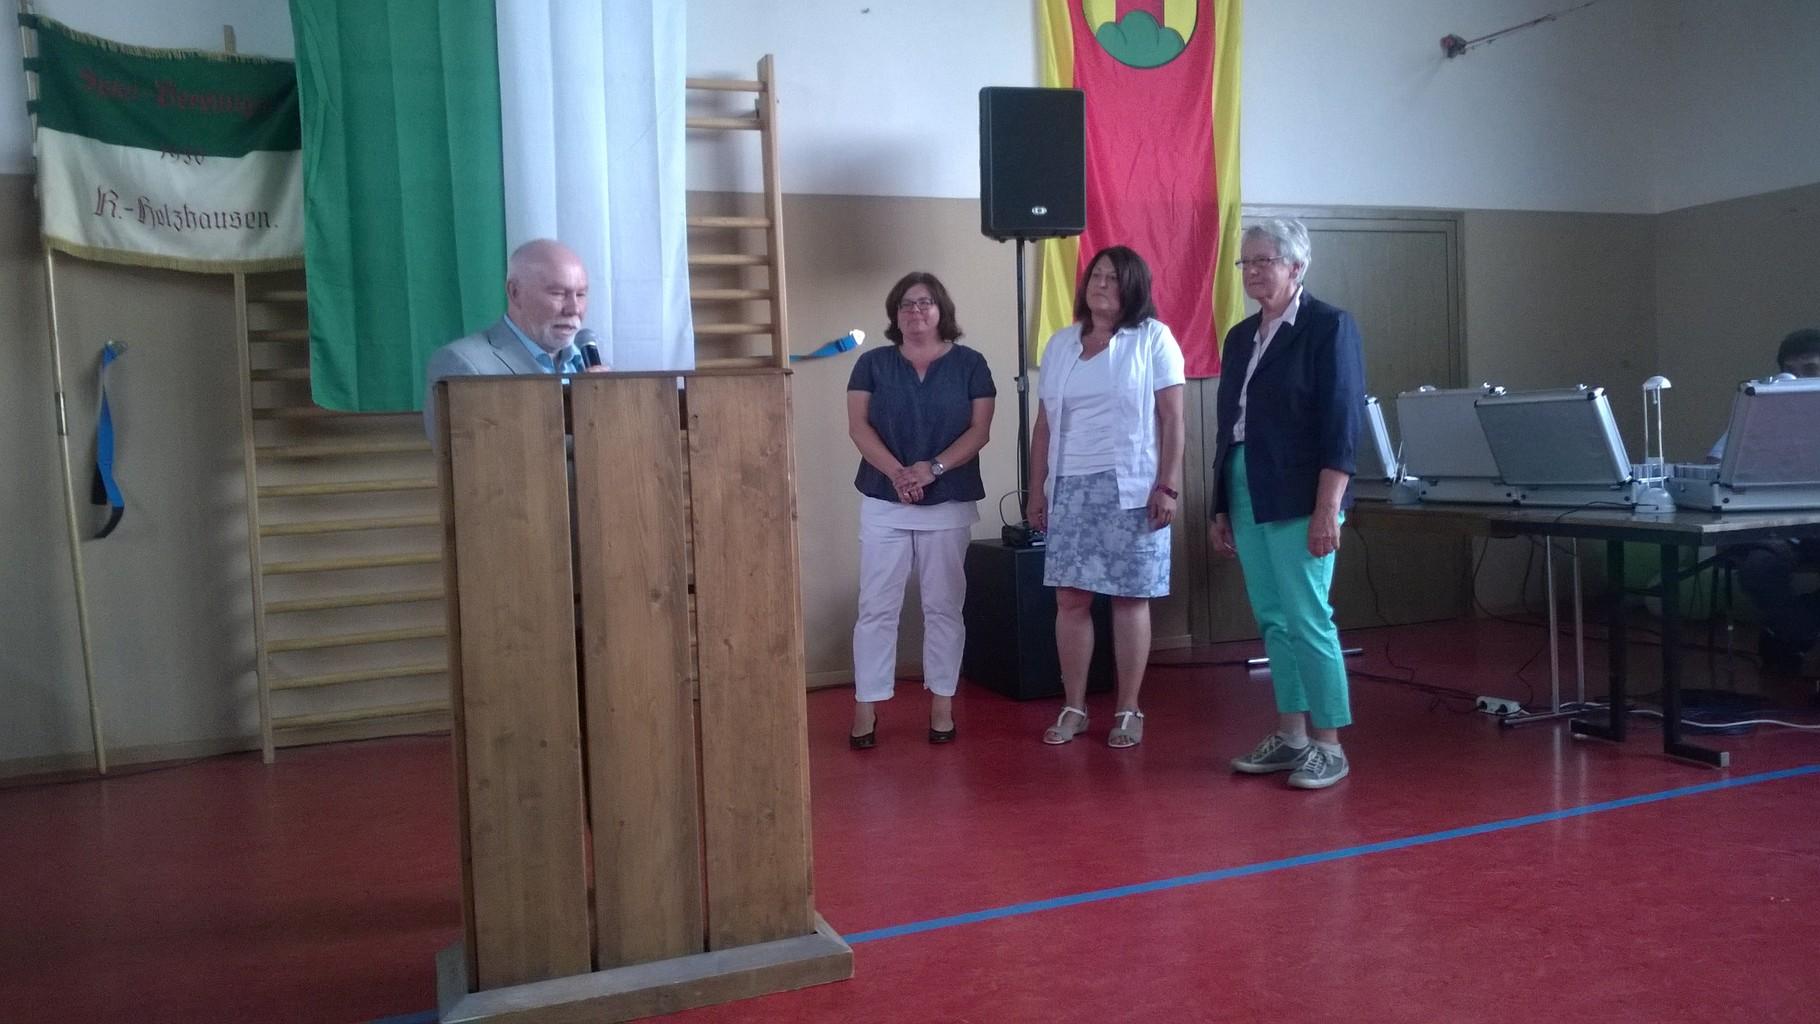 Bärbel Allamode, Beate Seibel und Katja Zweckerl-Jura erhielten aus der Hand von Klaus Reese (1. Vorsitzender Turngau Oberlahn-Eder) die goldene Ehrennadel des Turngau Oberlahn-Eder